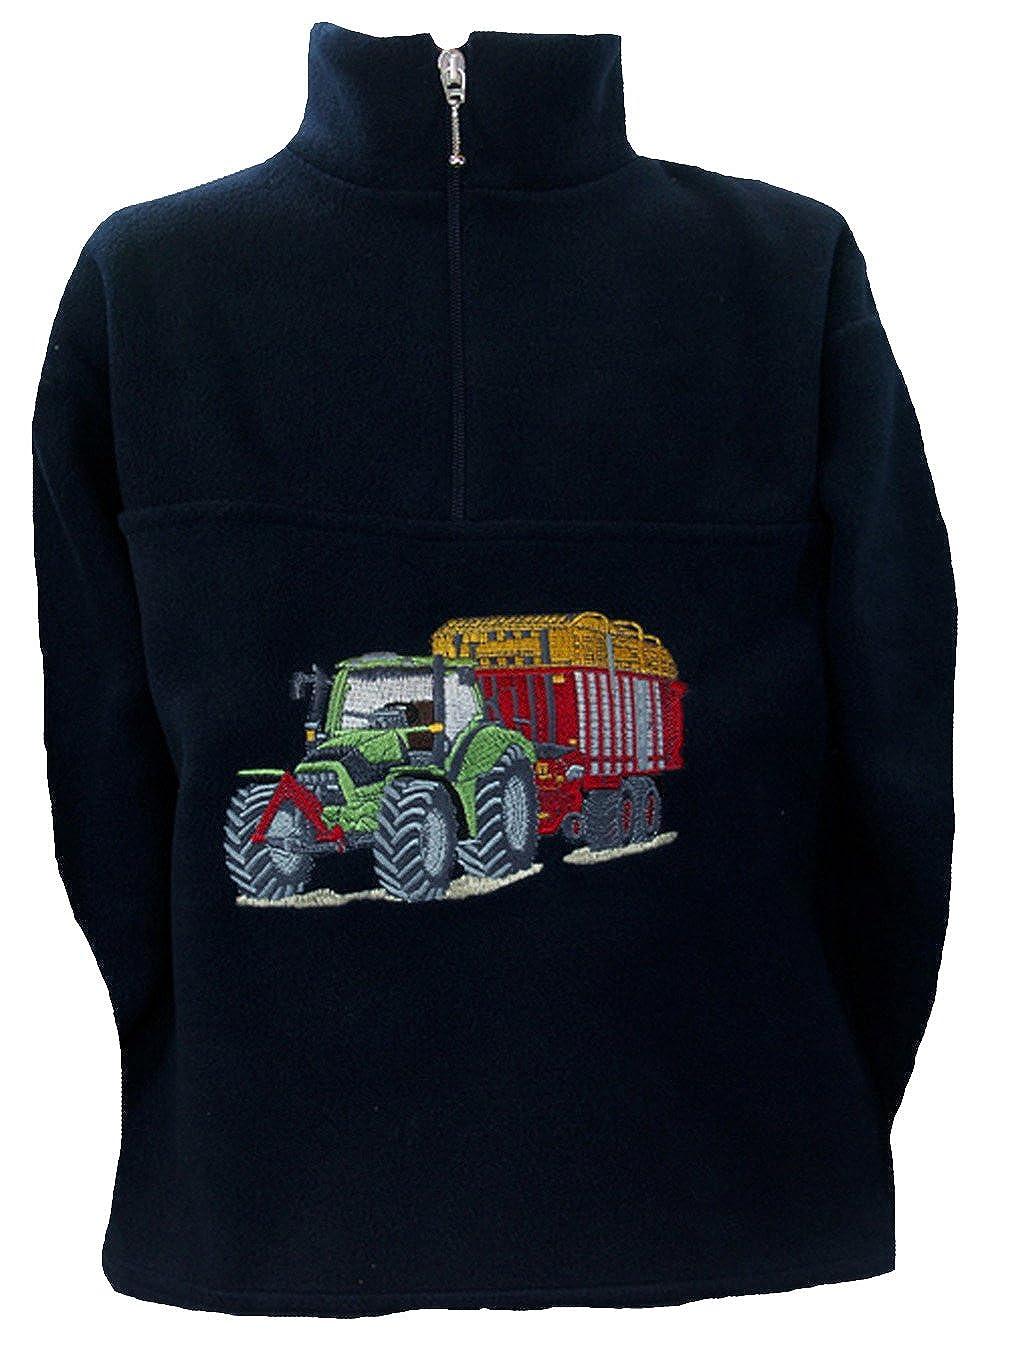 Zintgraf Fleece Troyer Pullover Stickerei Traktor Silagewagen F54